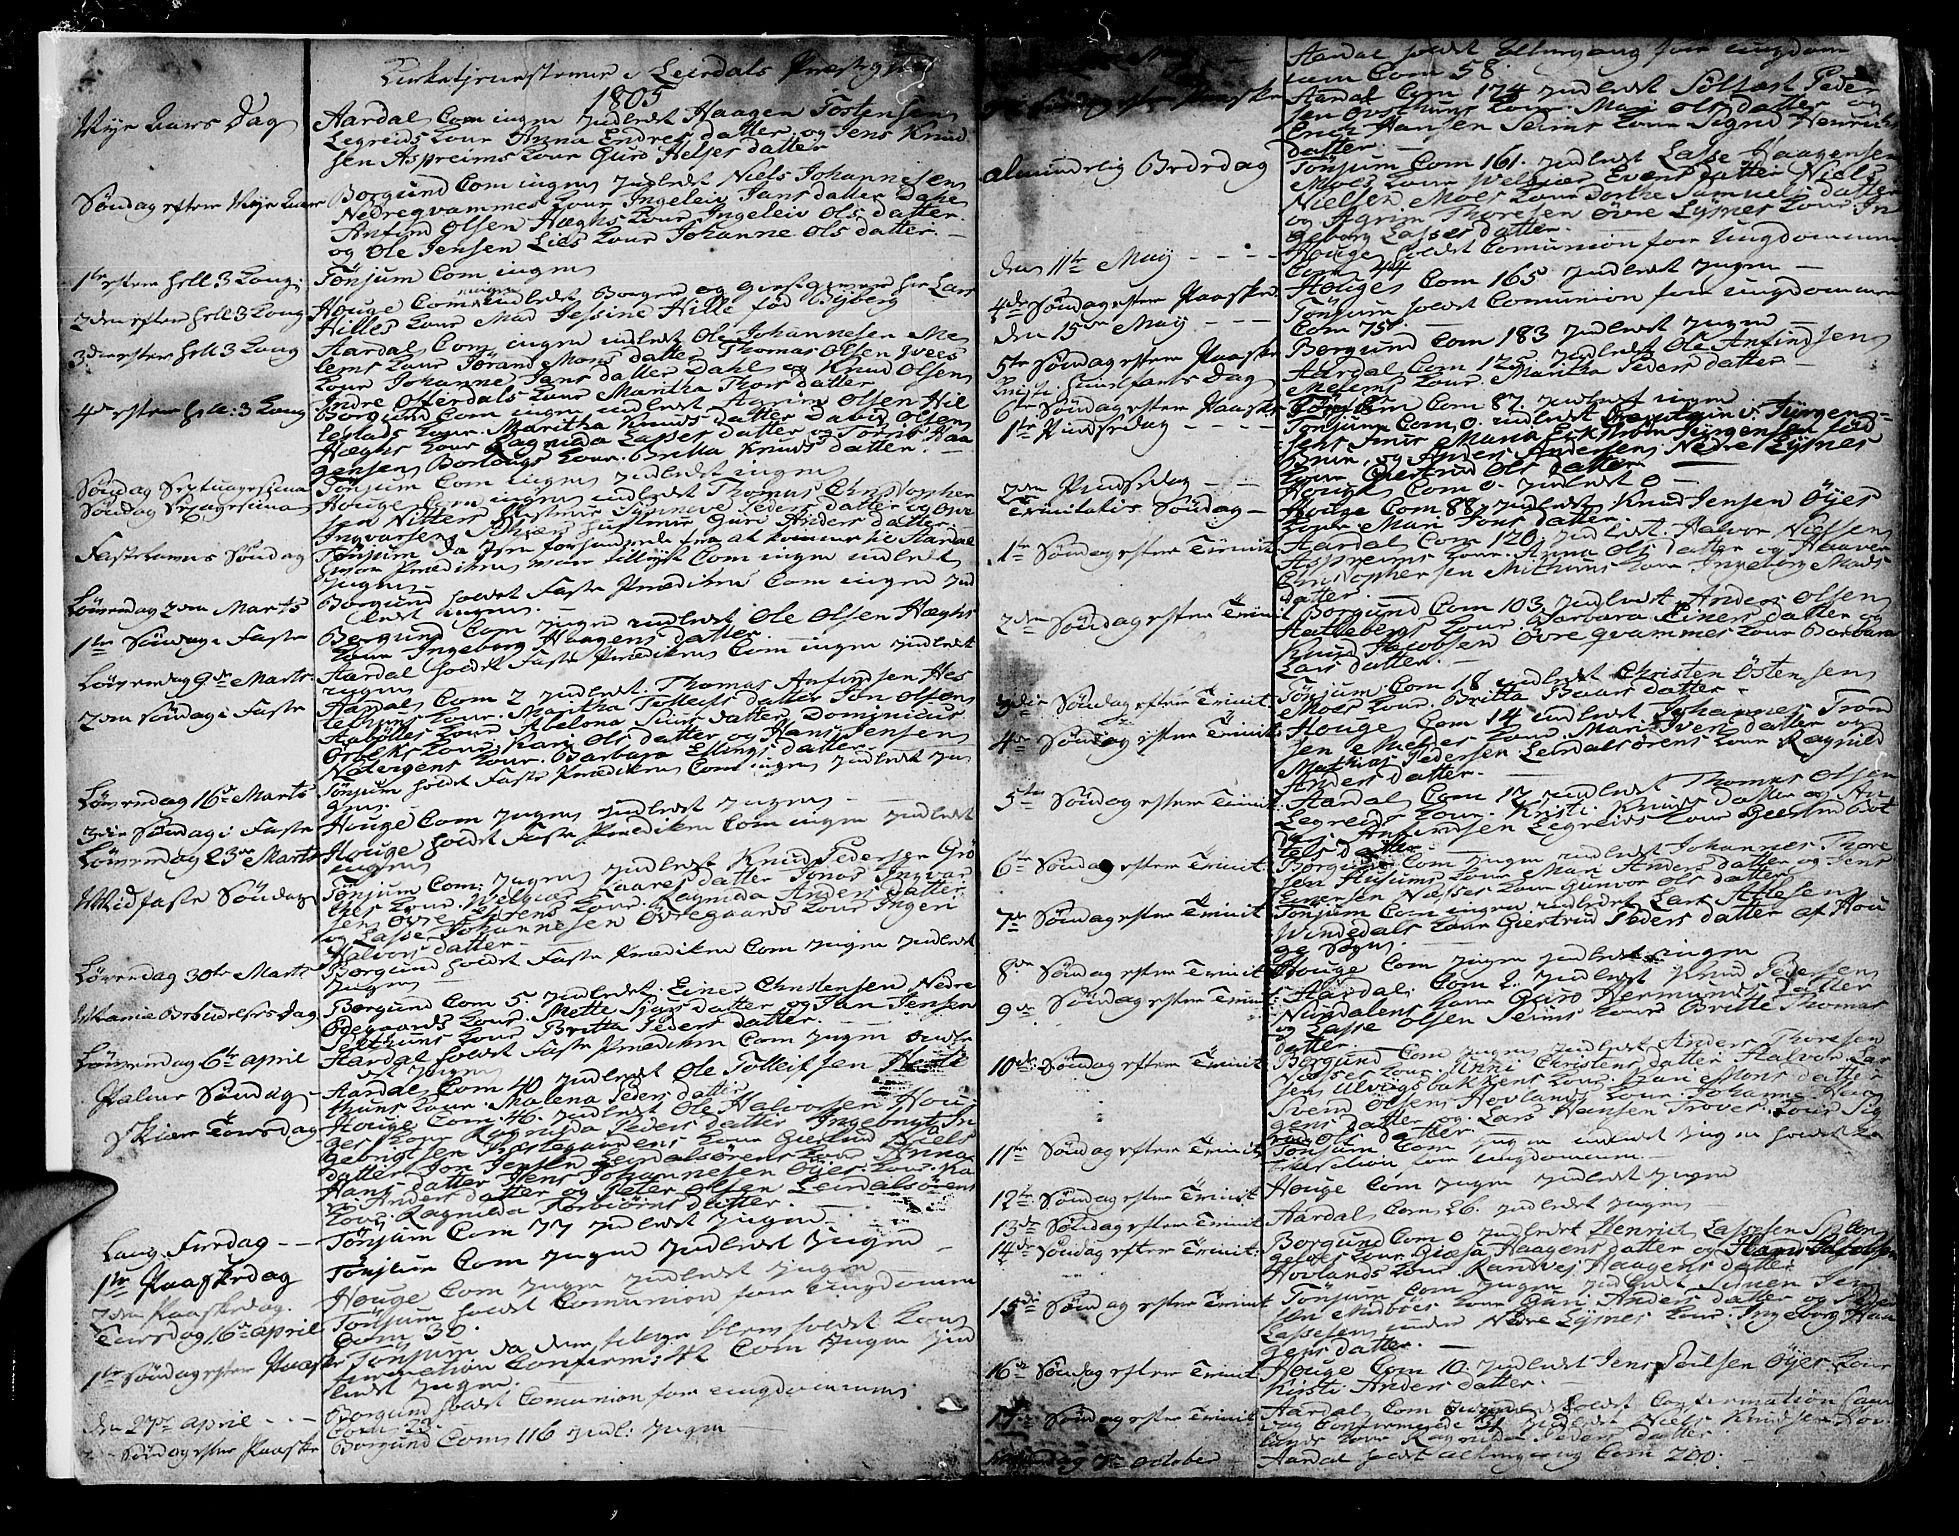 SAB, Lærdal sokneprestembete, Ministerialbok nr. A 4, 1805-1821, s. 2-3